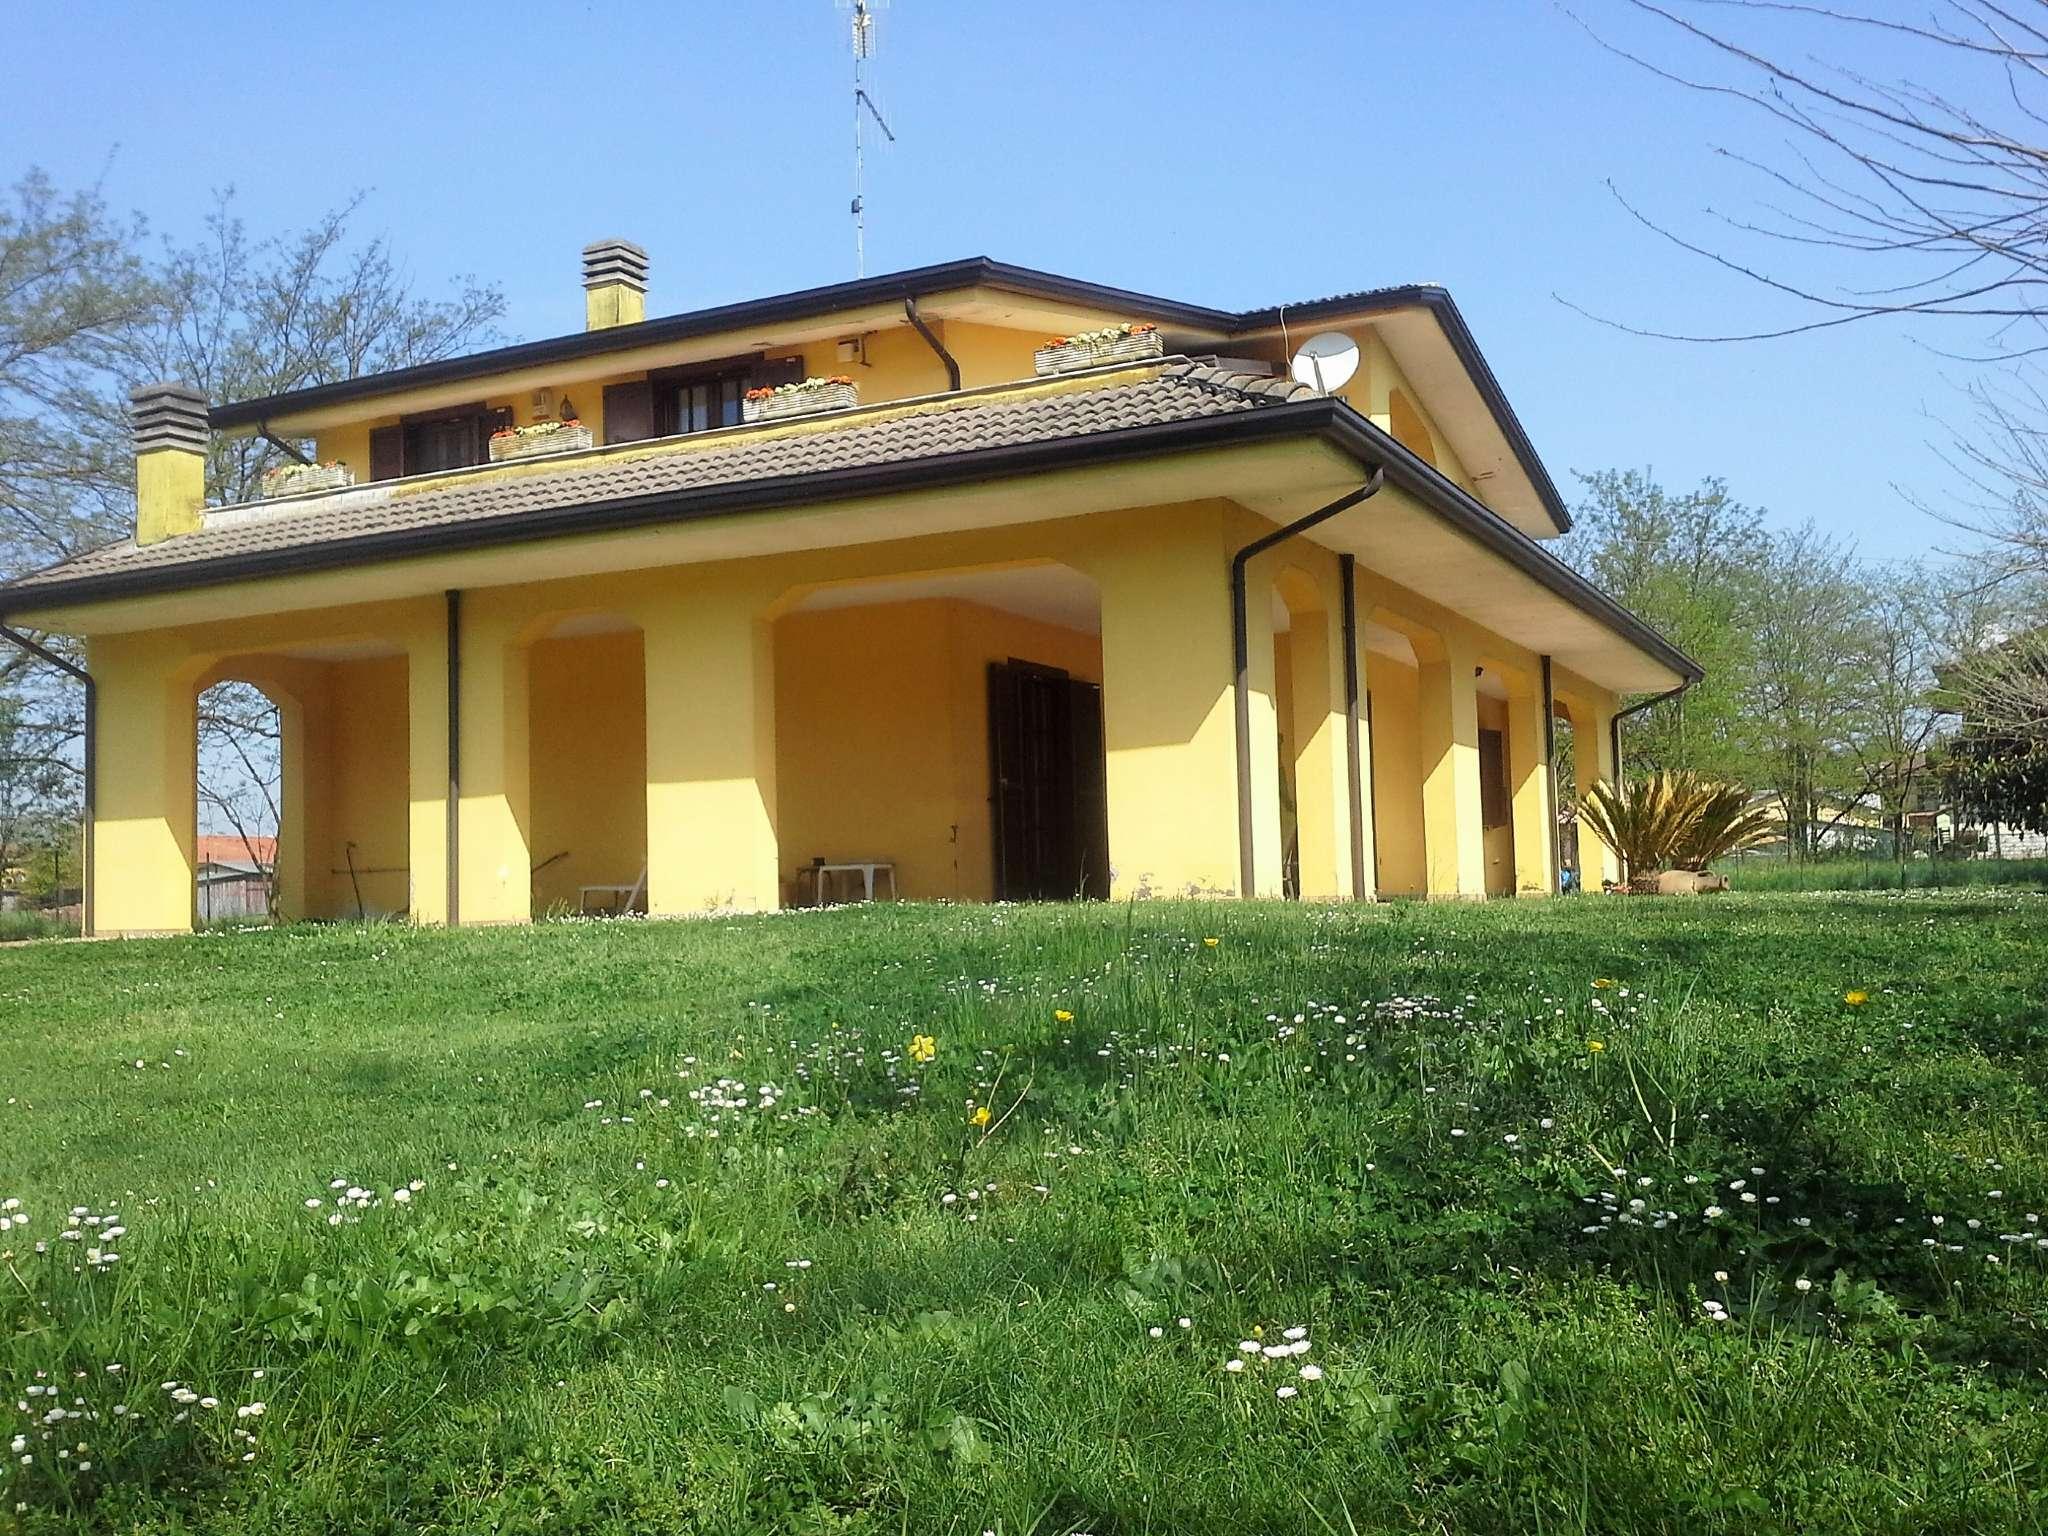 Villa in vendita a Frosinone, 9999 locali, prezzo € 250.000   CambioCasa.it